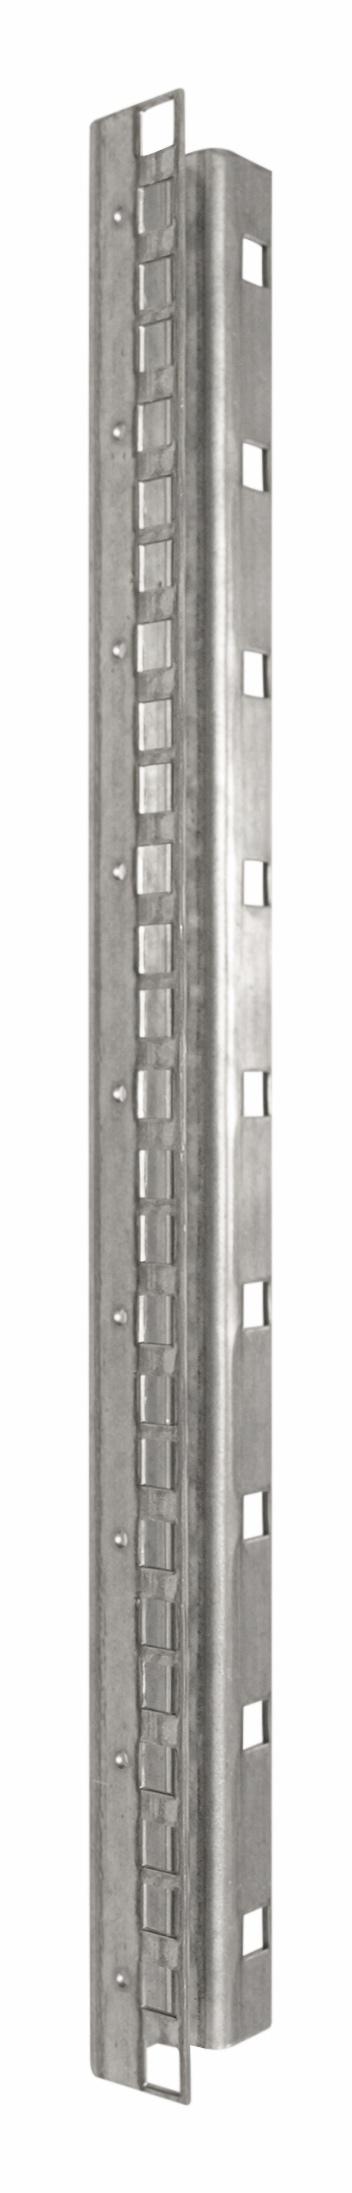 1 Stk 19 Profilschiene 12HE für DW-Schränke DWPROF12--